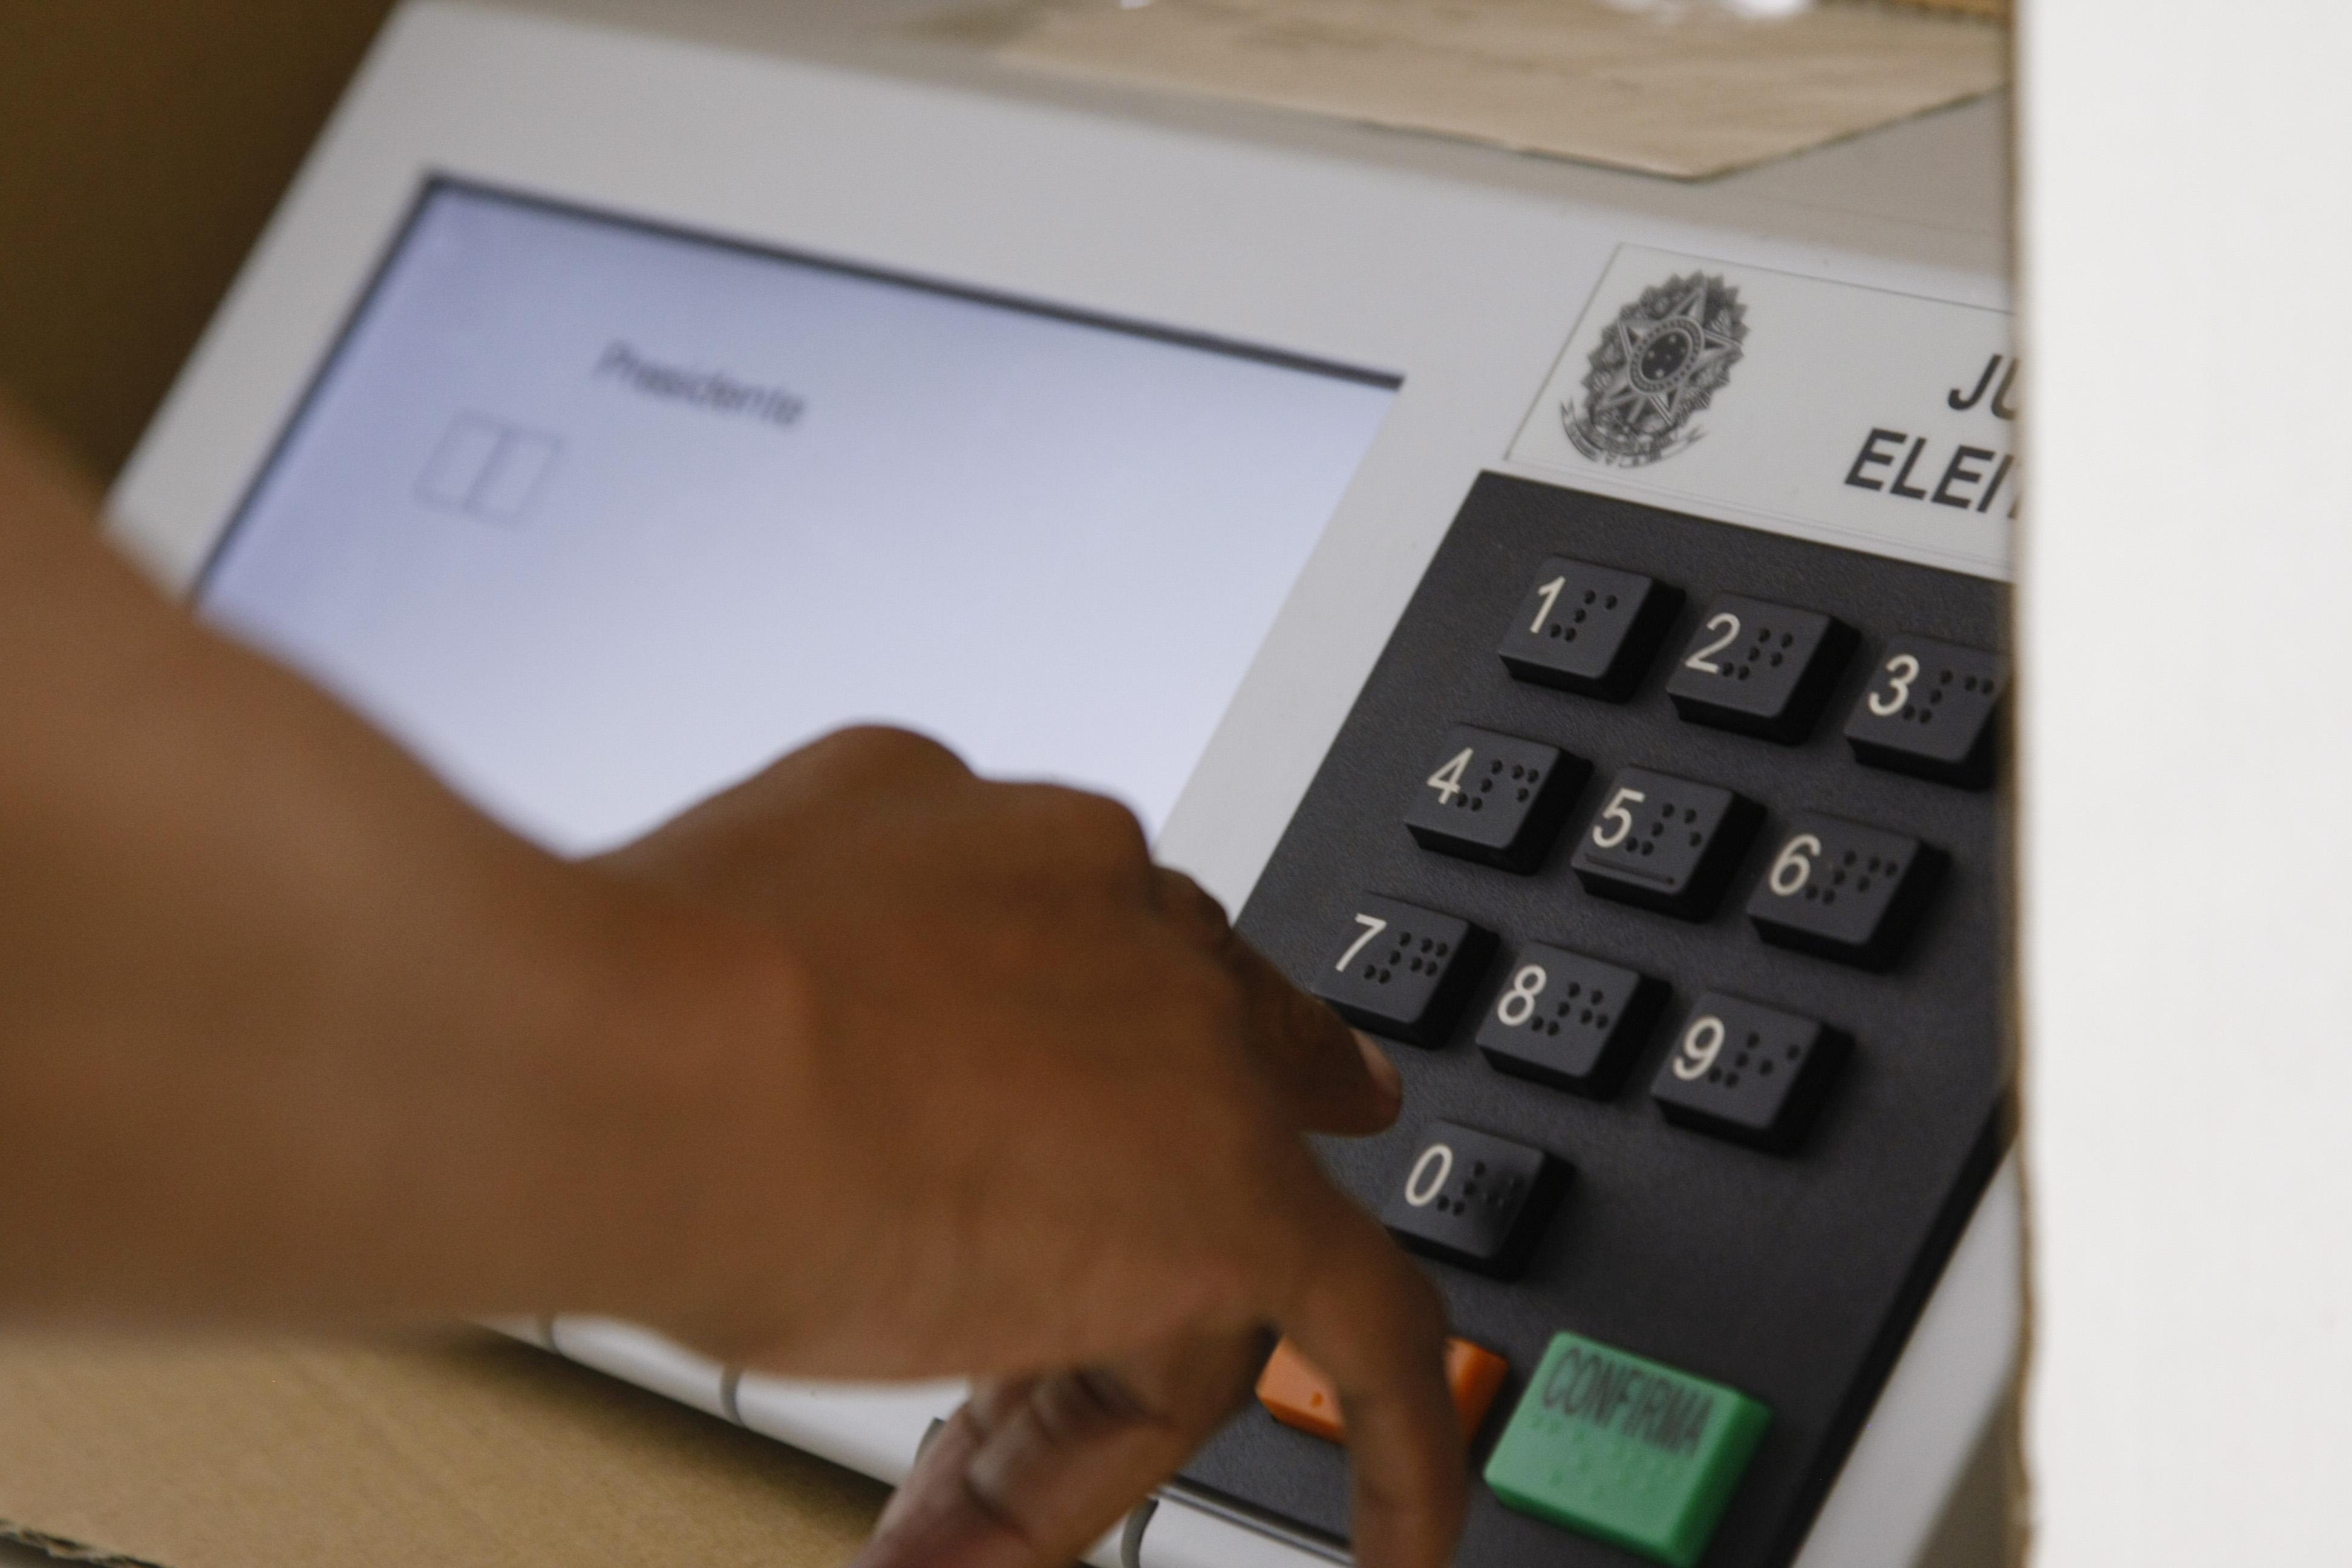 Resumo da terça-feira em política e negócios: Ibope suspenso, fechamento do capital da Multiplus